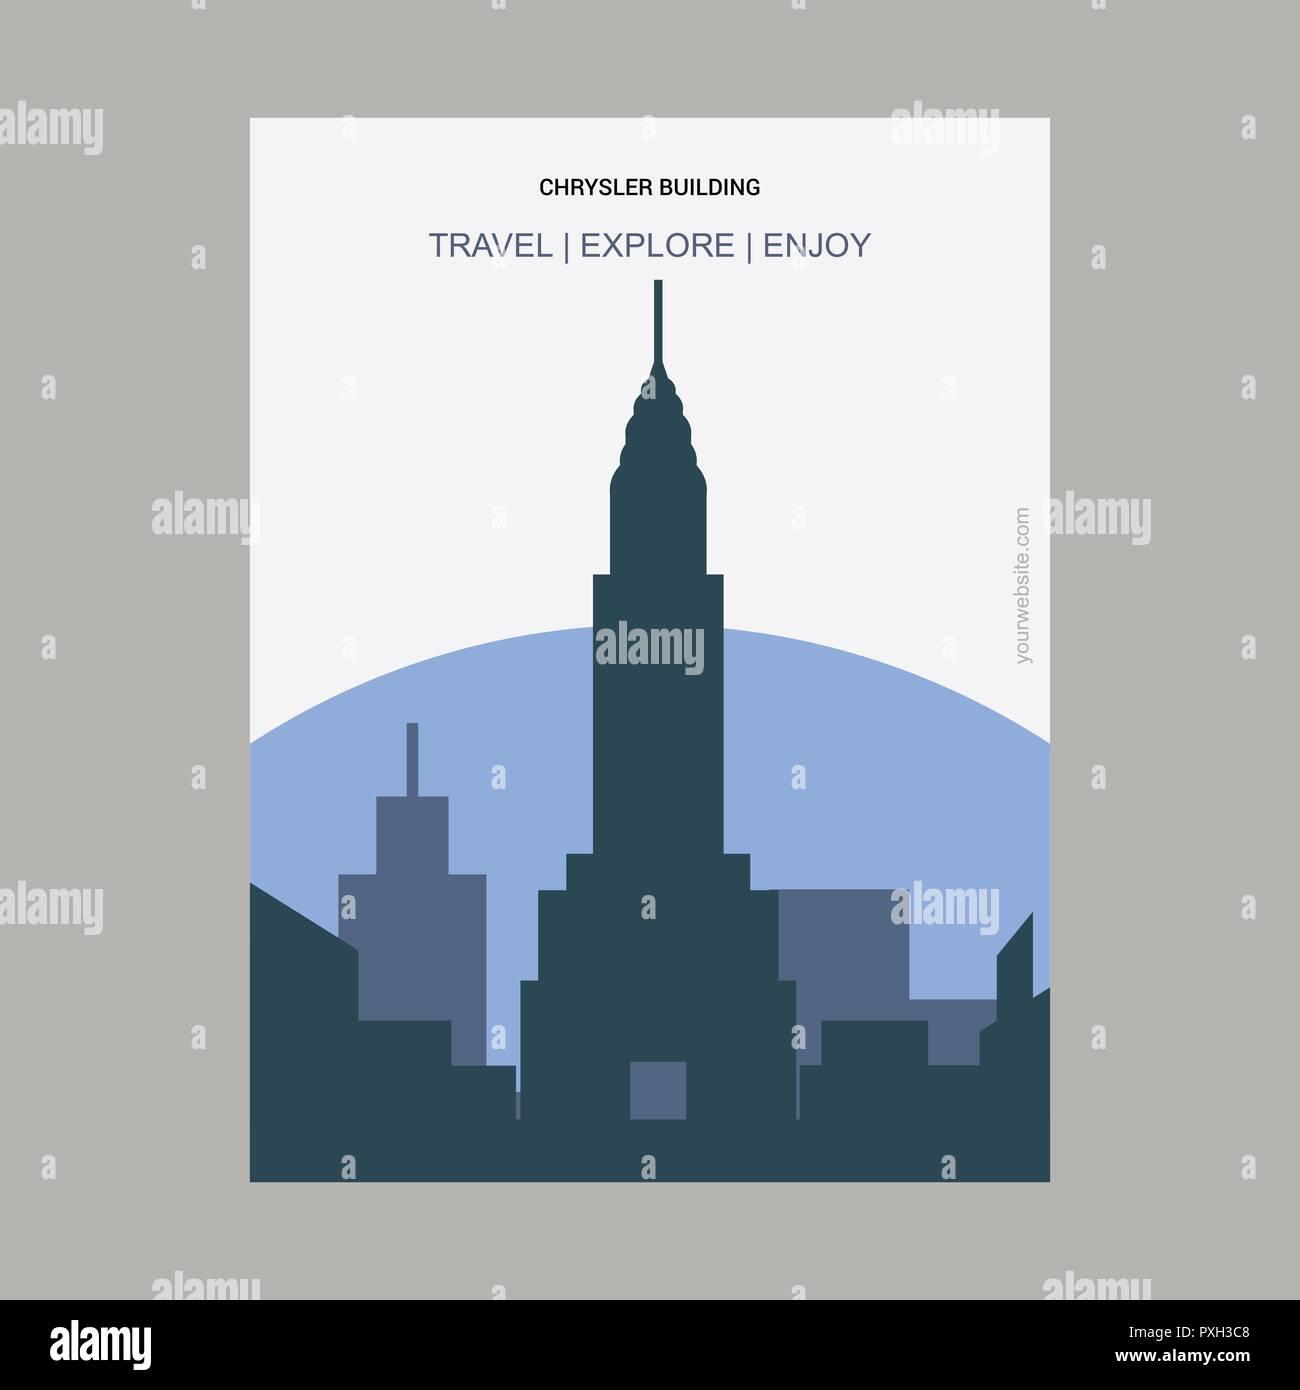 Chrysler Building Manhattan, New York Vintage Style Landmark Poster Template - Stock Vector